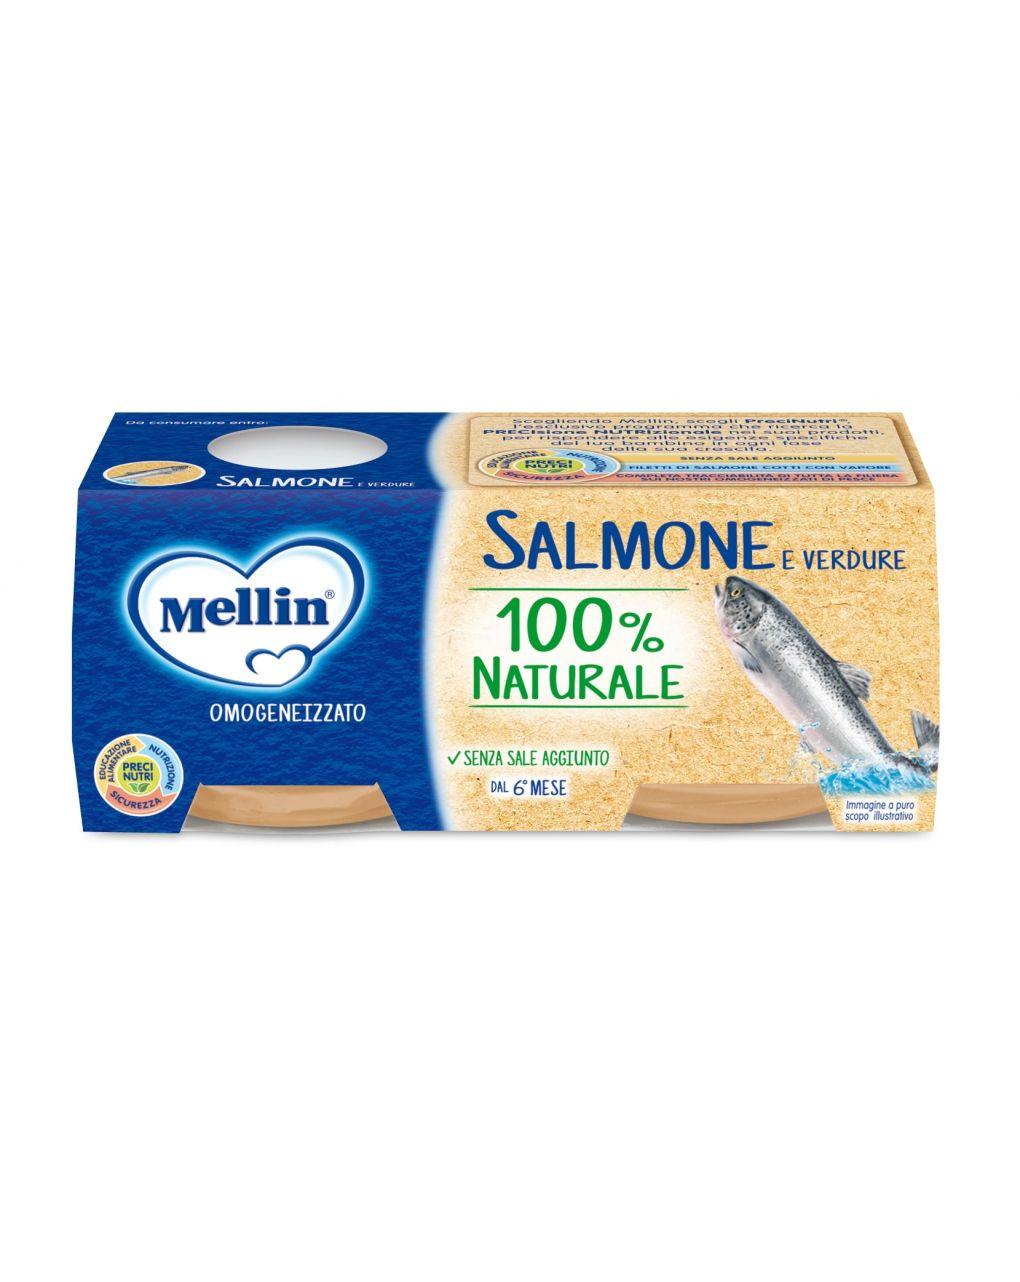 Mellin - omogeneizzato salmone 2x80g - Mellin